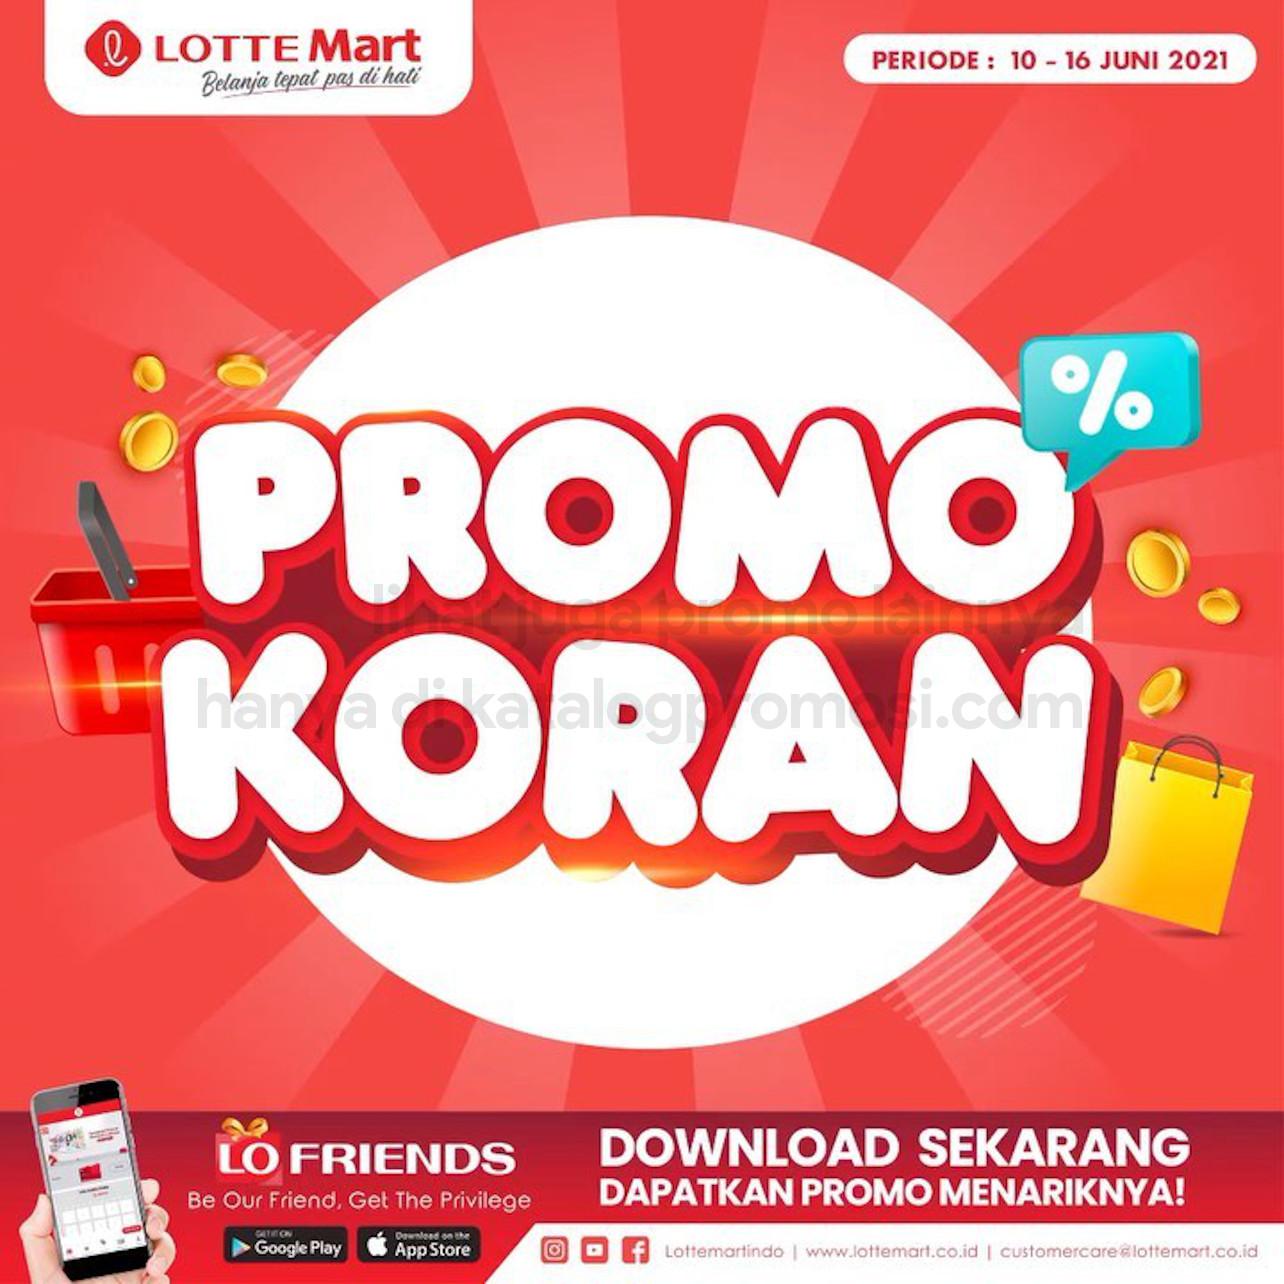 Katalog Promo LOTTEMART RETAIL WEEKEND periode 10-16 Juni 2021